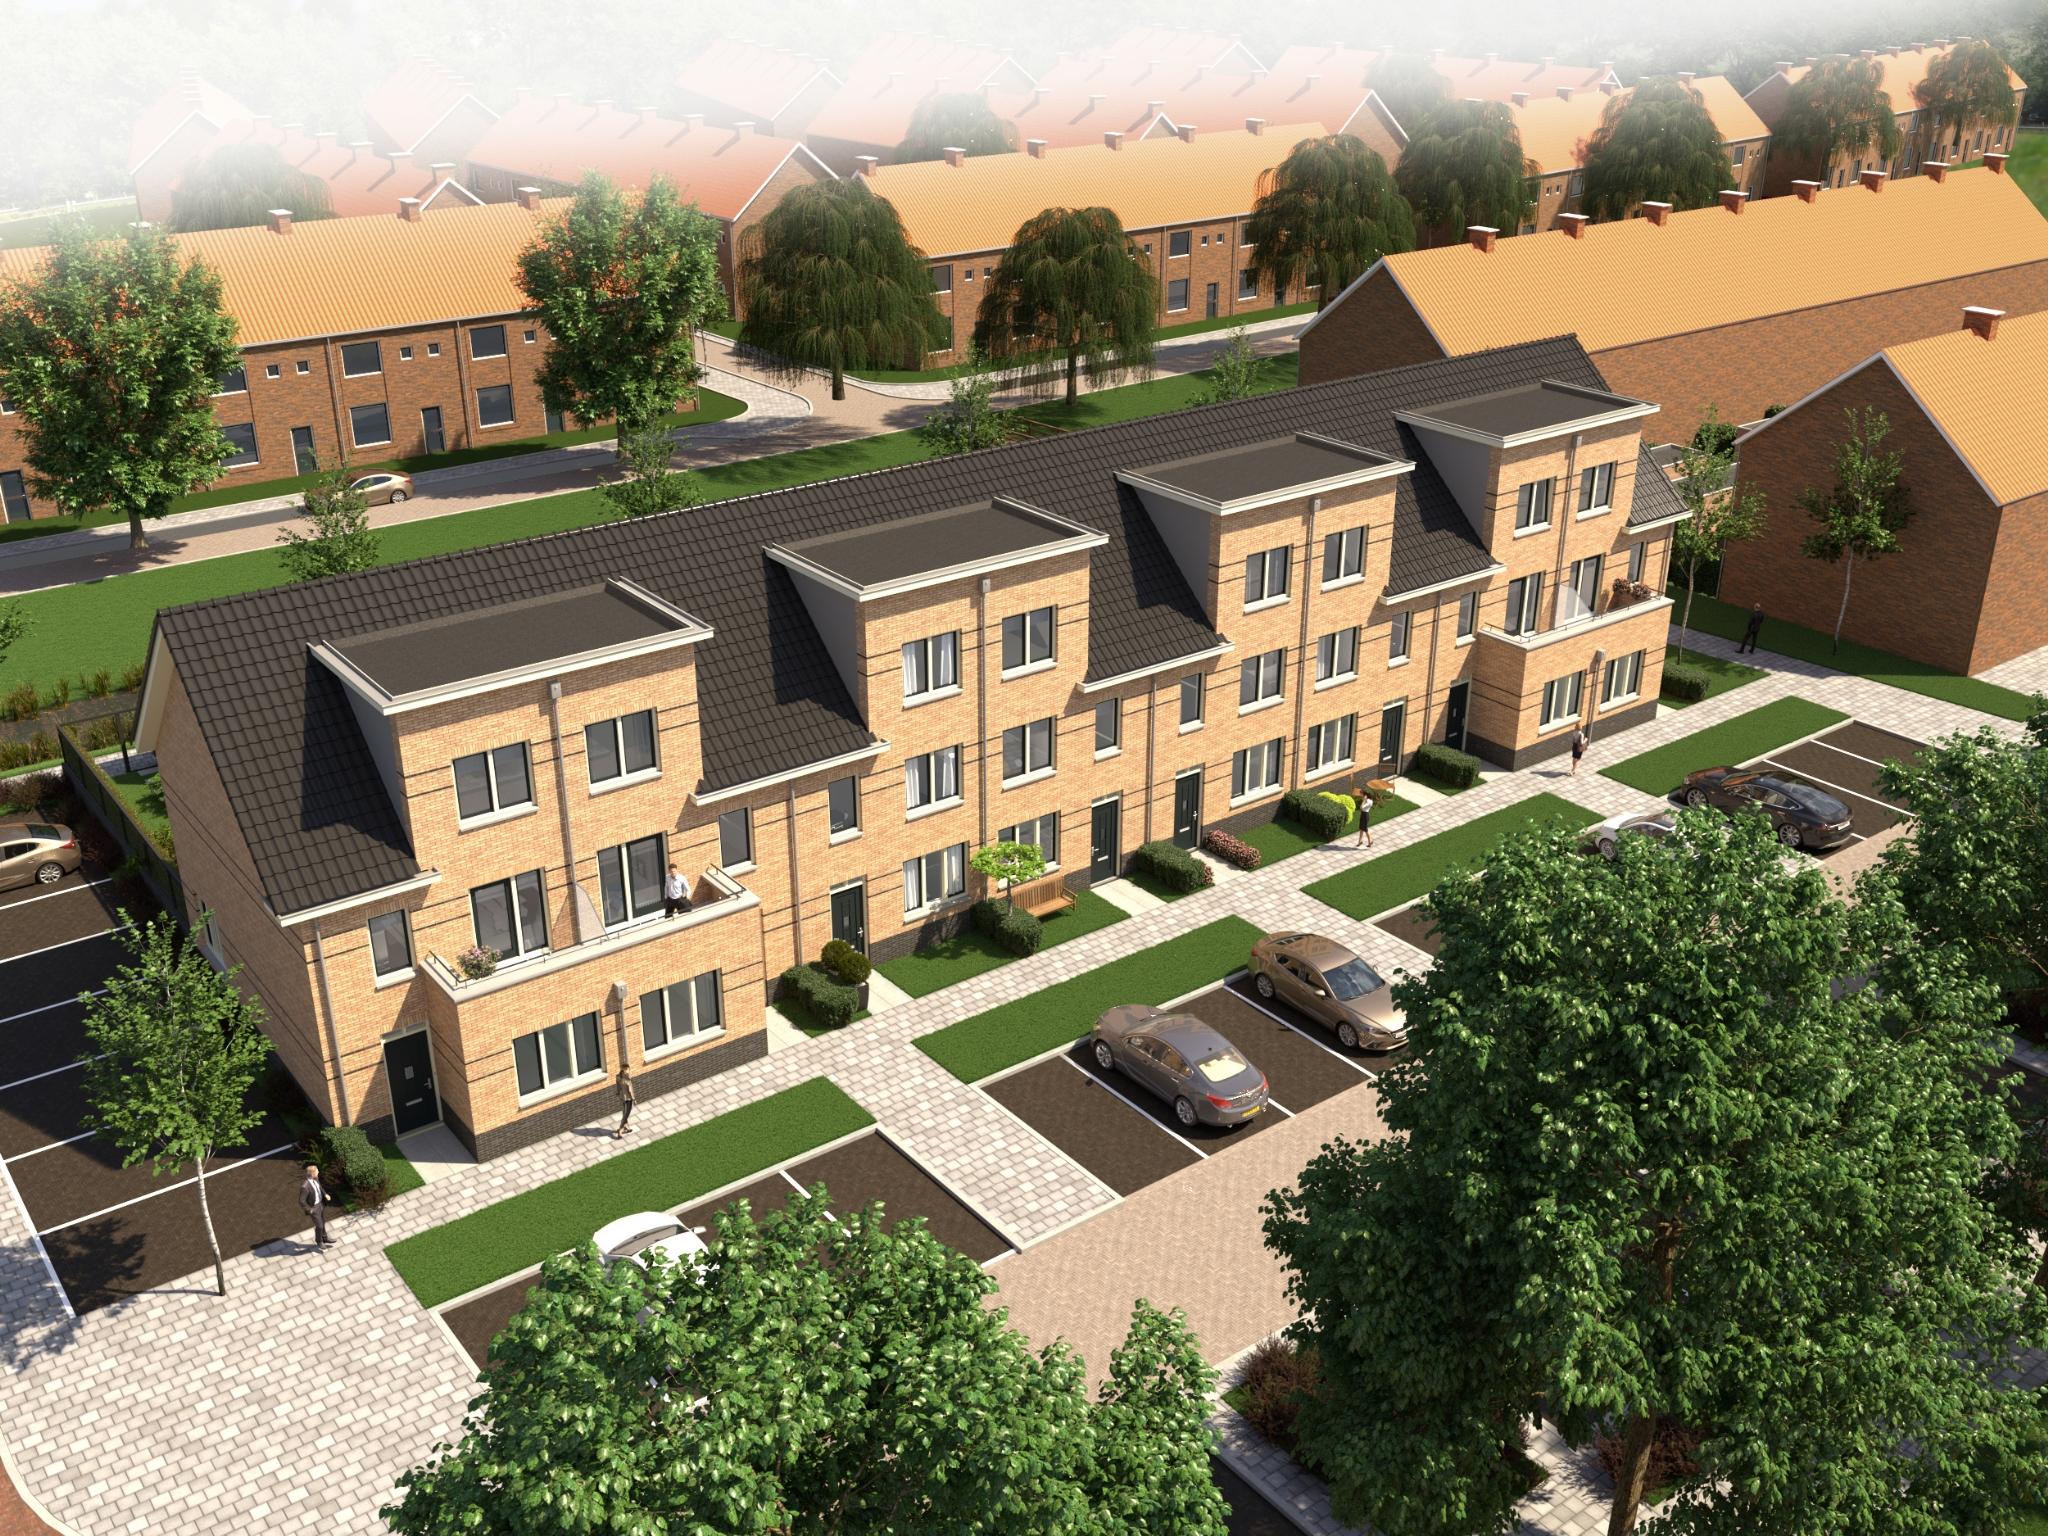 8 Nieuwbouwwoningen in Alblasserdam